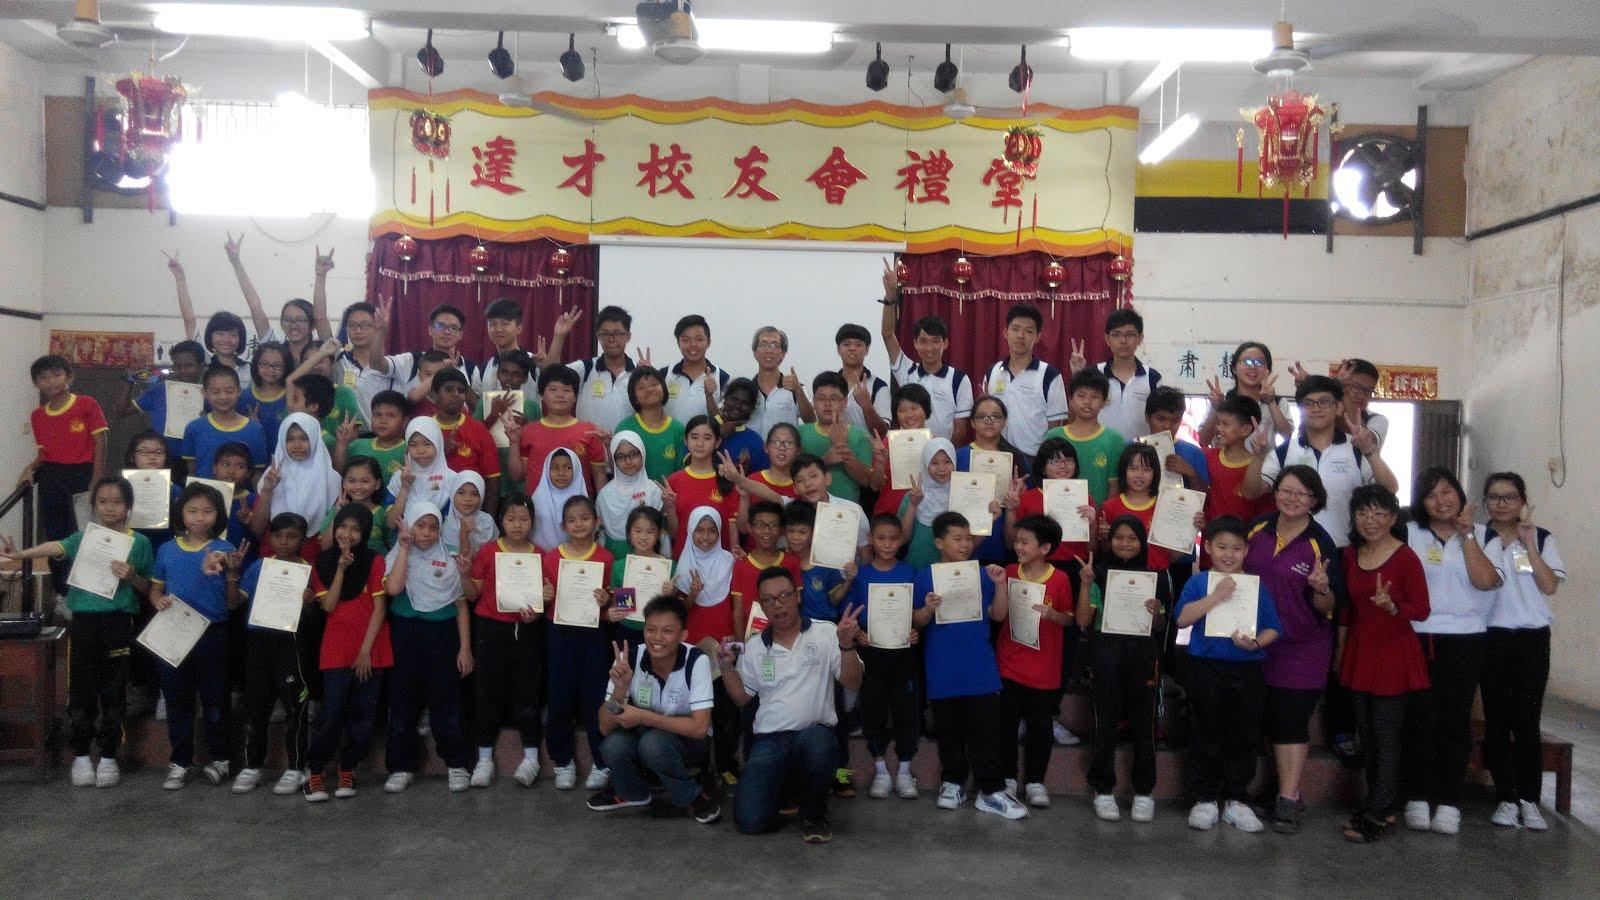 卓越青年社区服务-小学激励营6月/2015